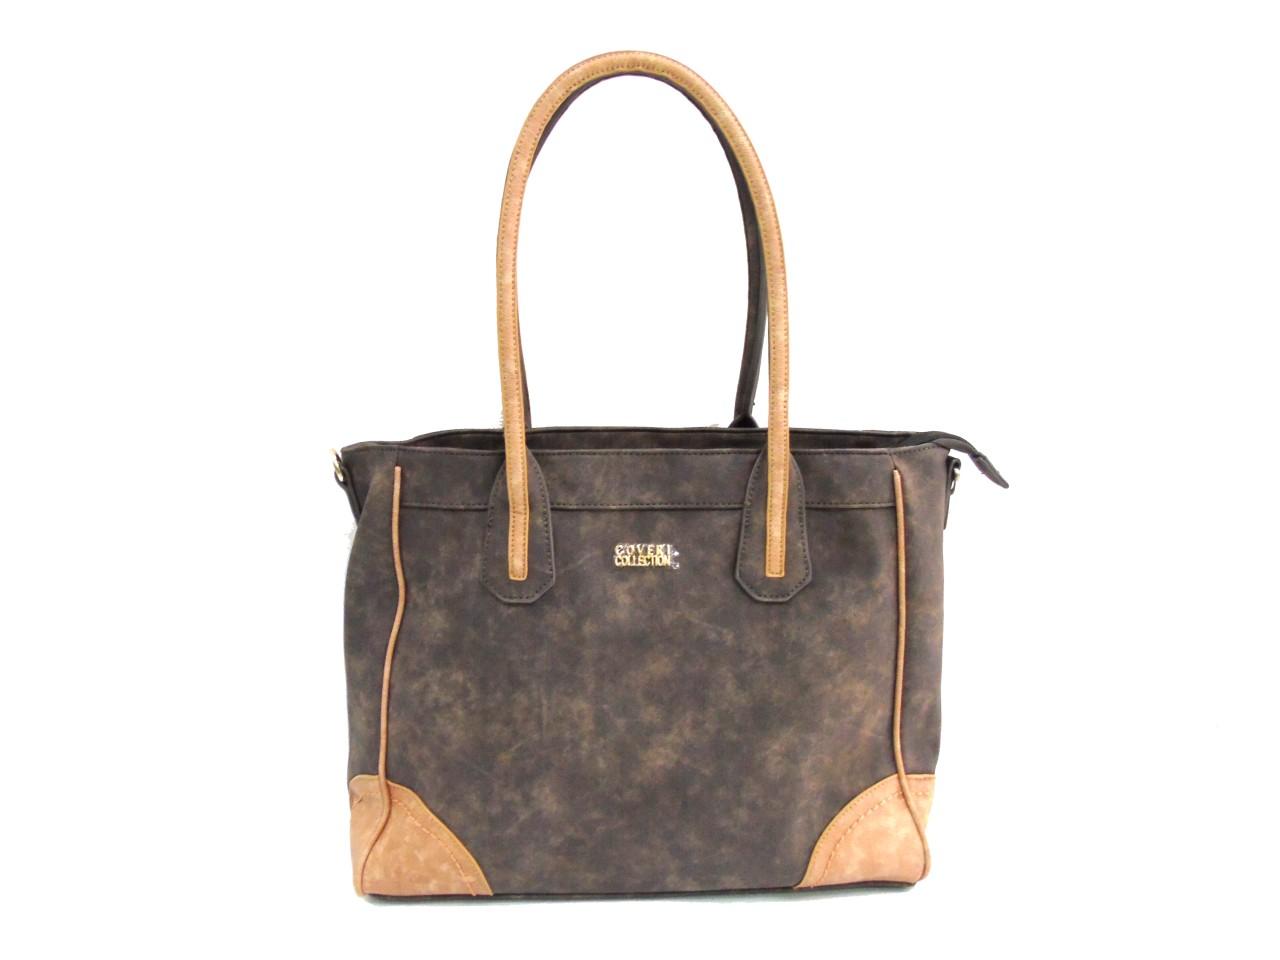 Borsa donna Coveri Collection mod.shopping a spalla 172227 4 moro